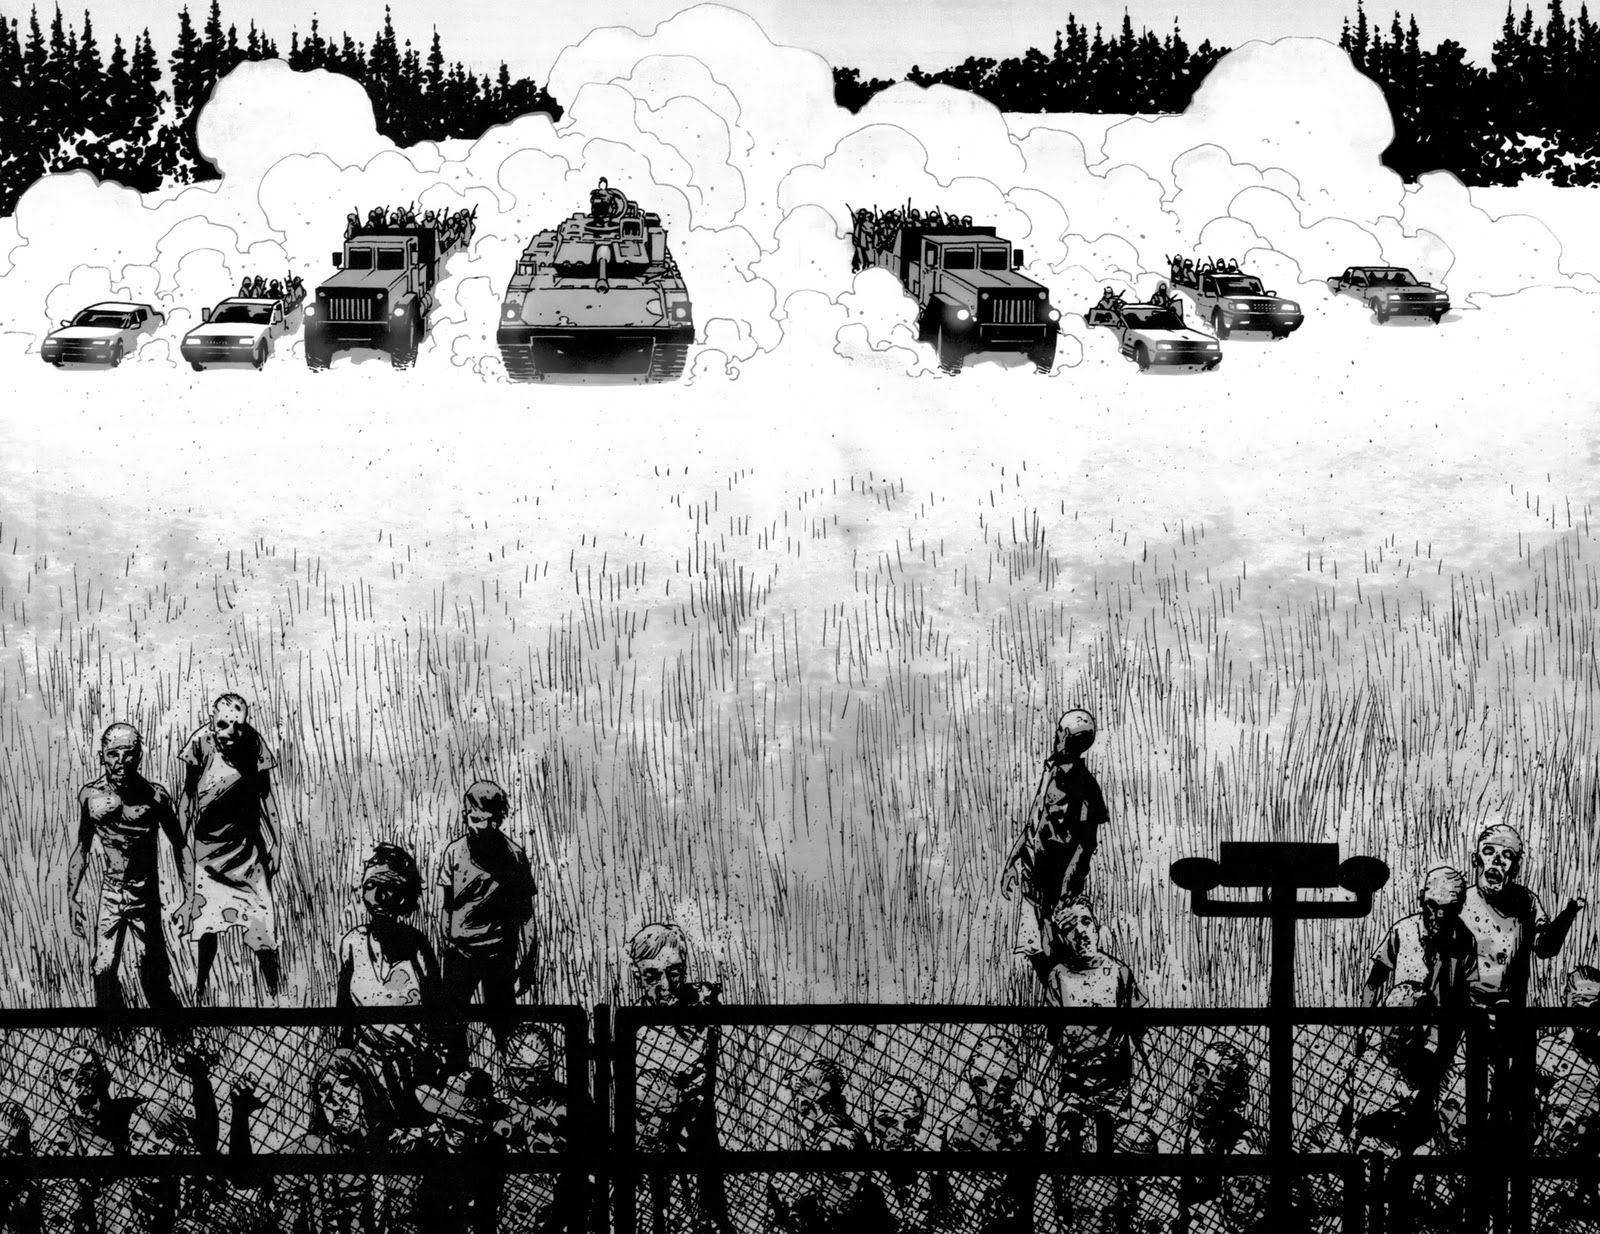 Walking Dead Image Comics G Wallpaper